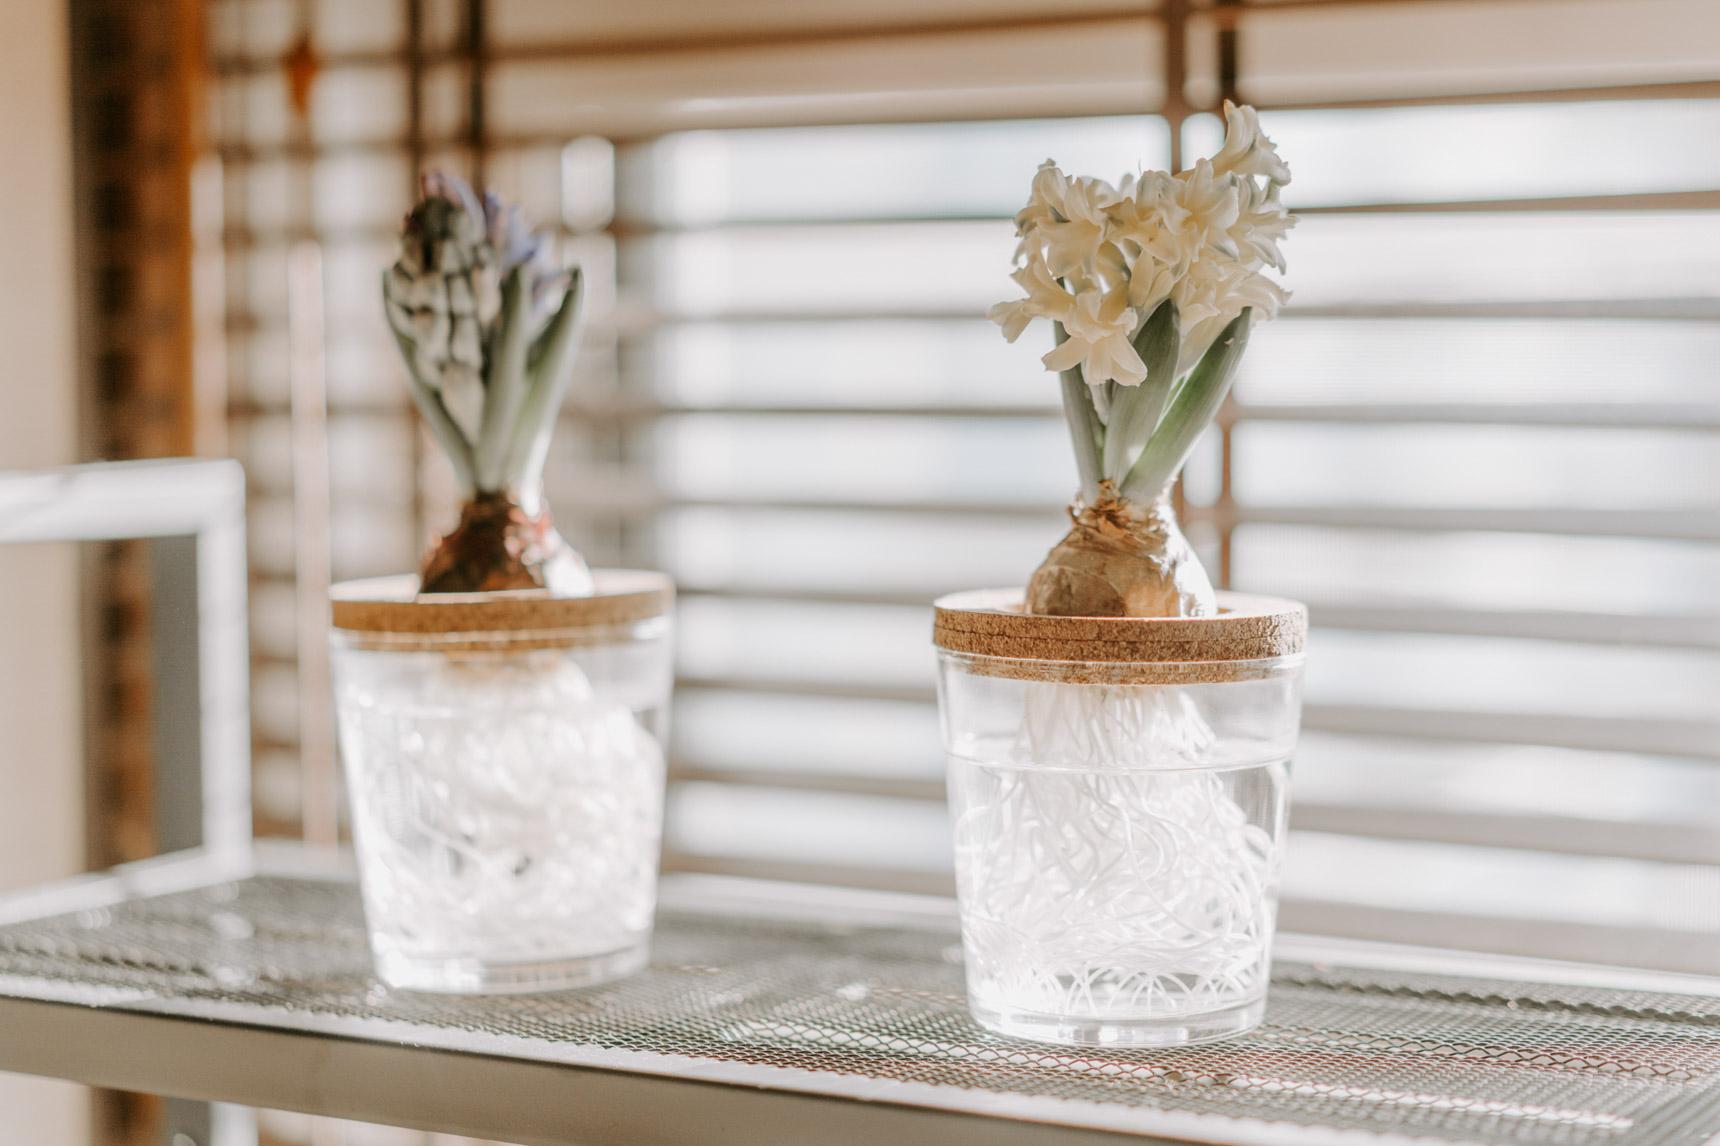 ヒヤシンスの水耕栽培も、コルクのコースターに穴を開け、ガラスのコップに乗せて作ったもの。